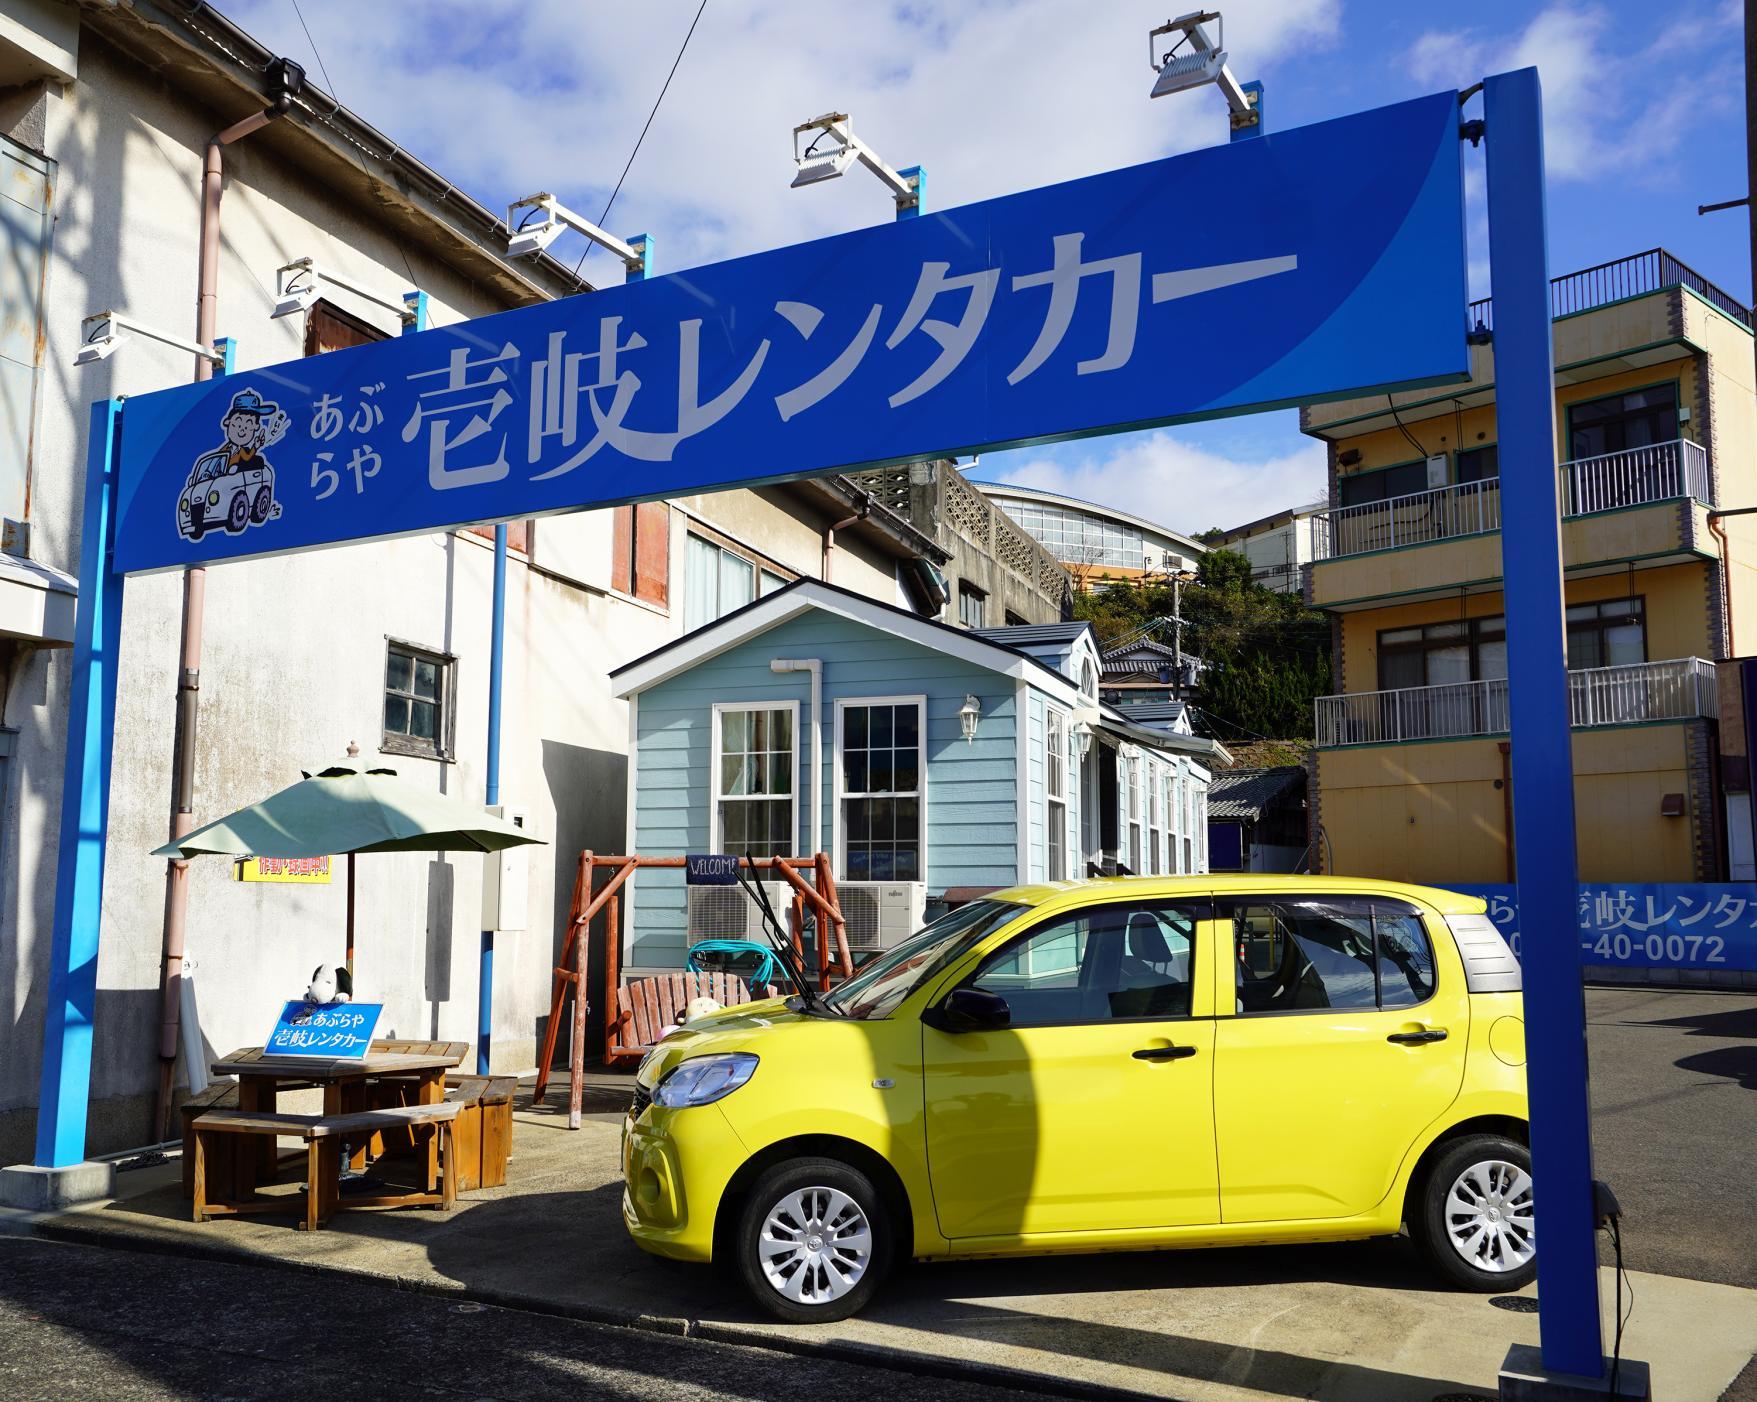 あぶらや壱岐レンタカー-8